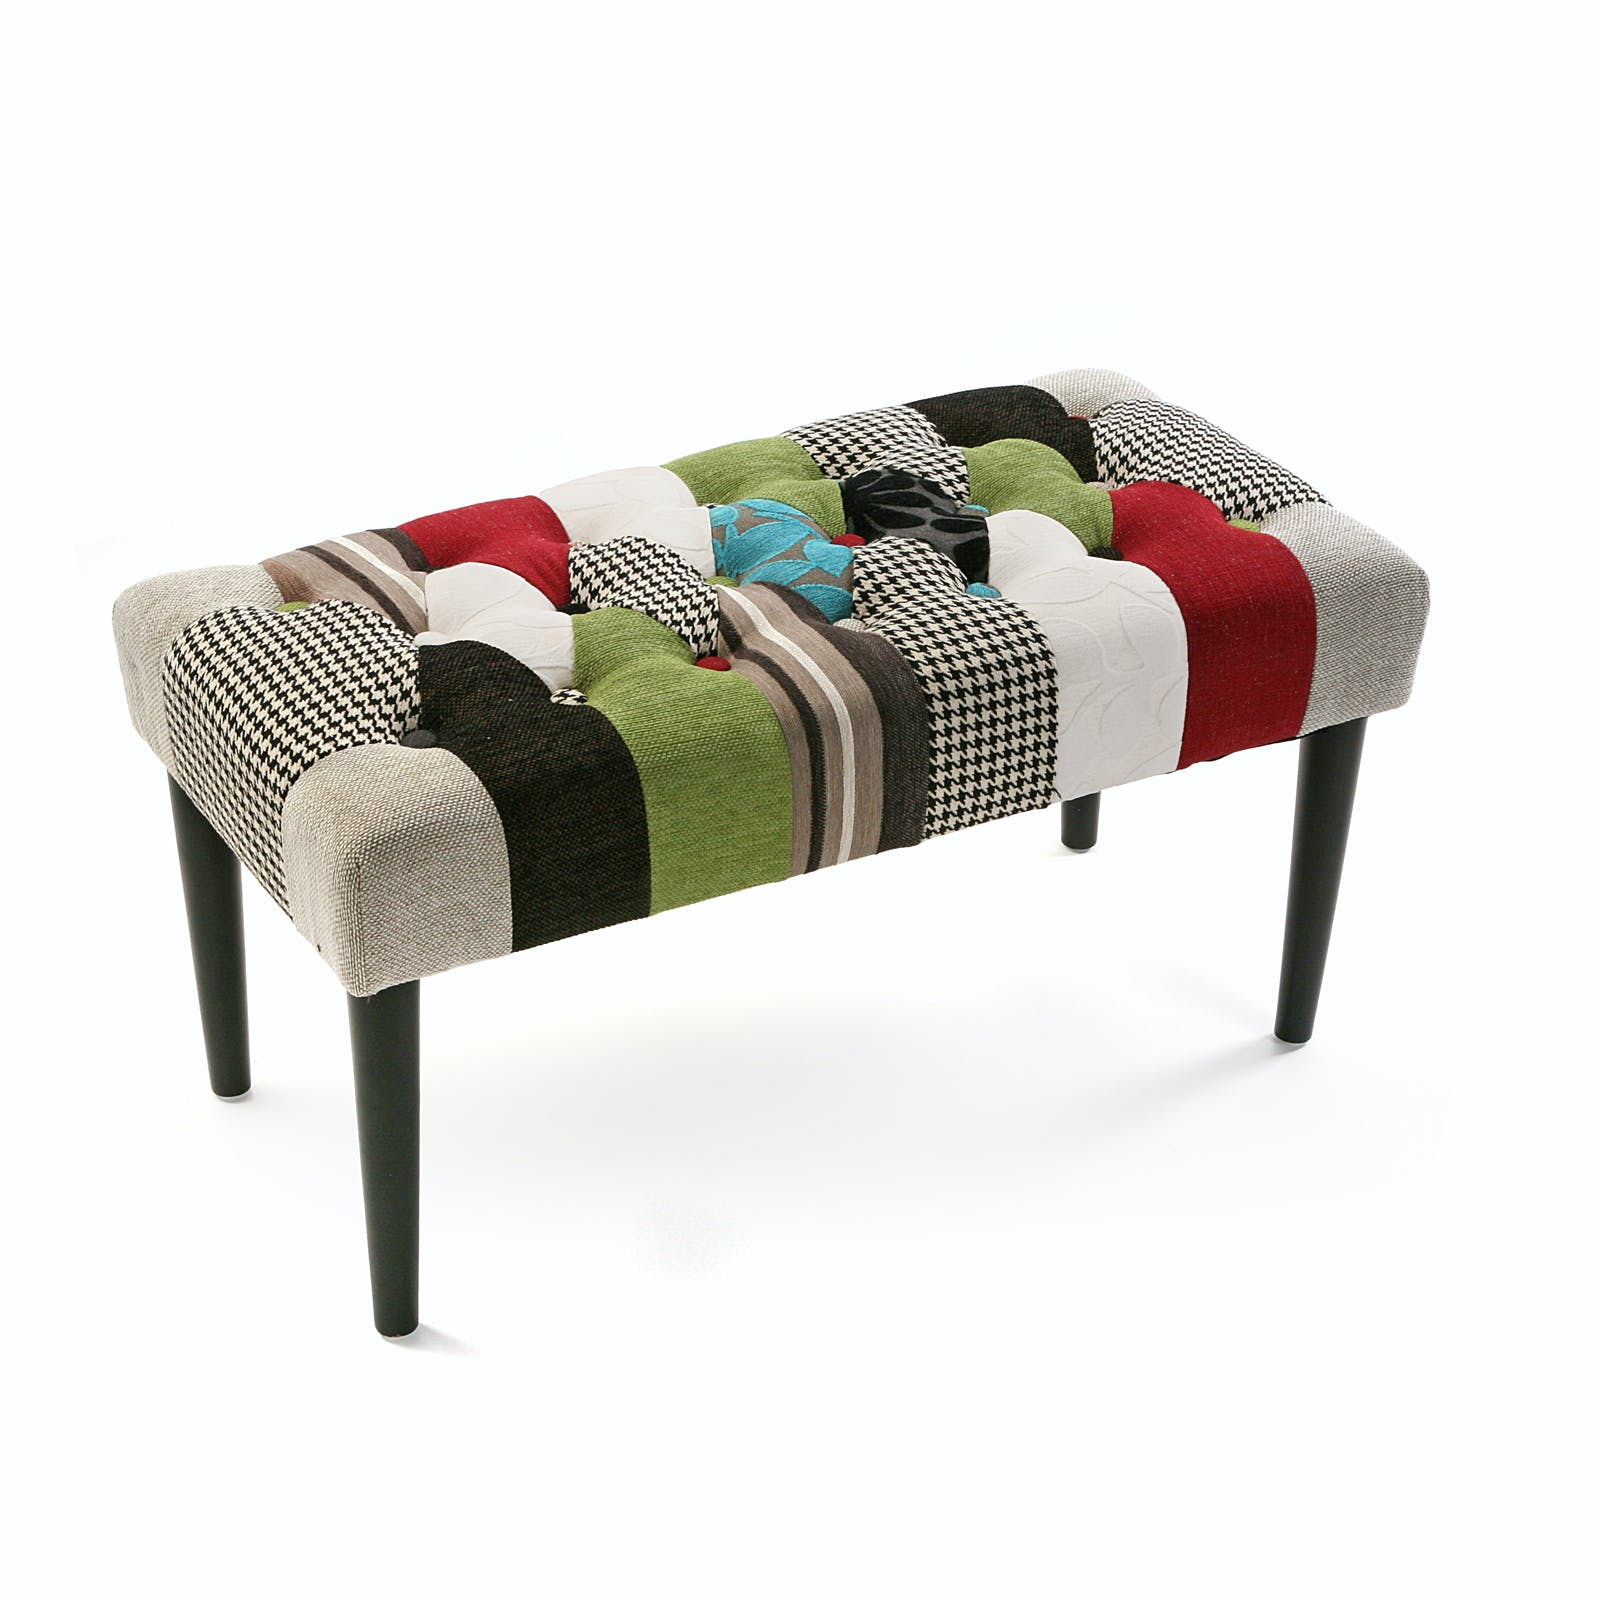 Banc / Bout de lit capitonné en tissu patchwork coloré et pieds bois noirs 80x40x45cm EIDER